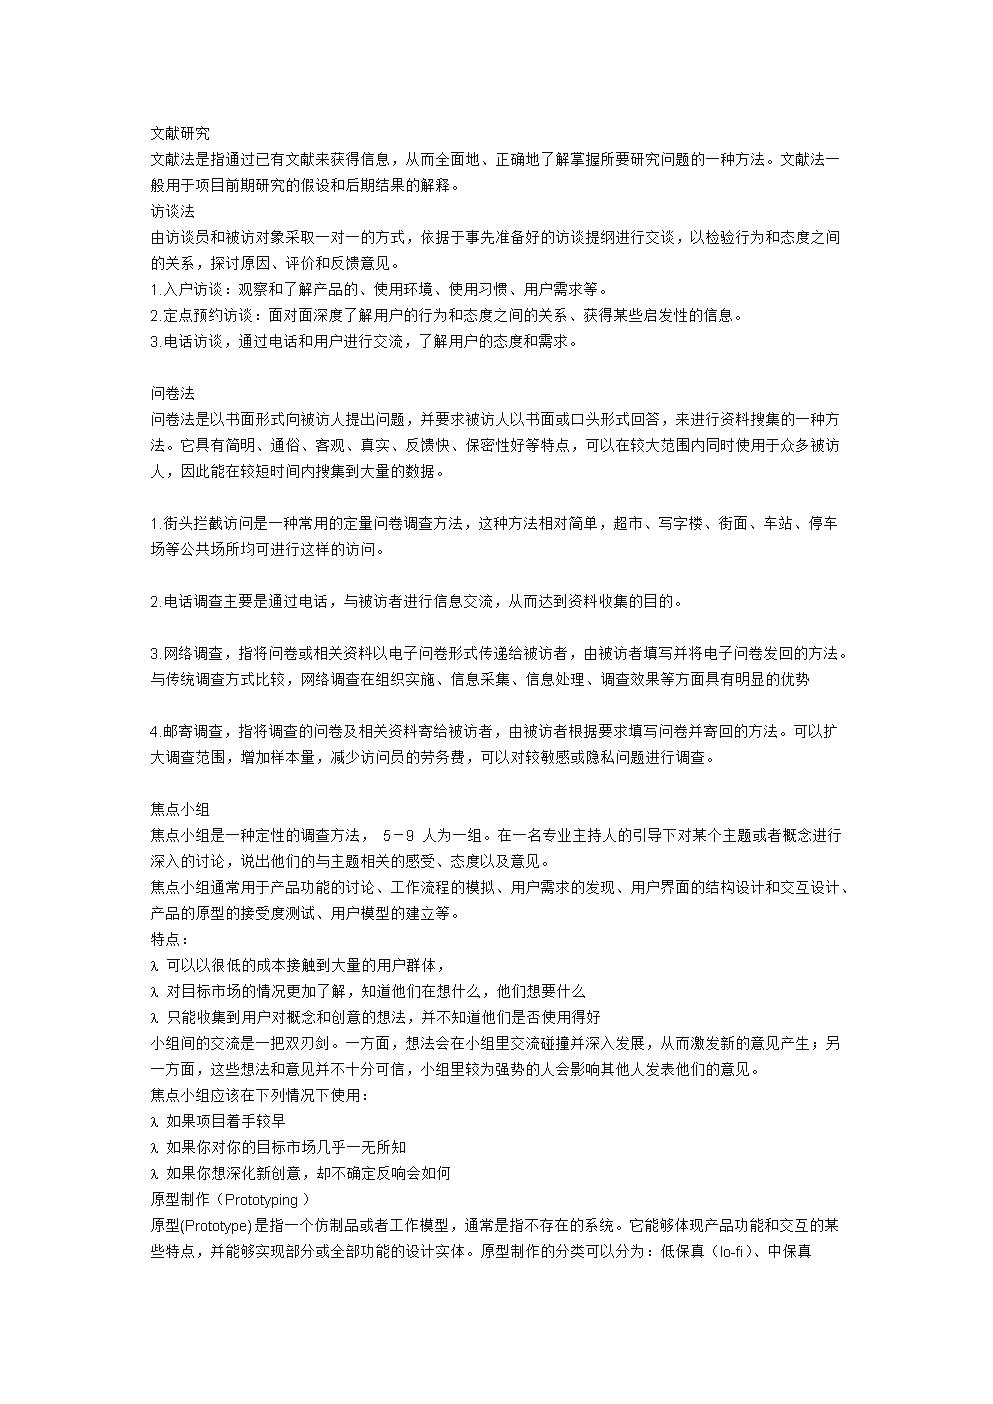 用户分析研究方法.doc